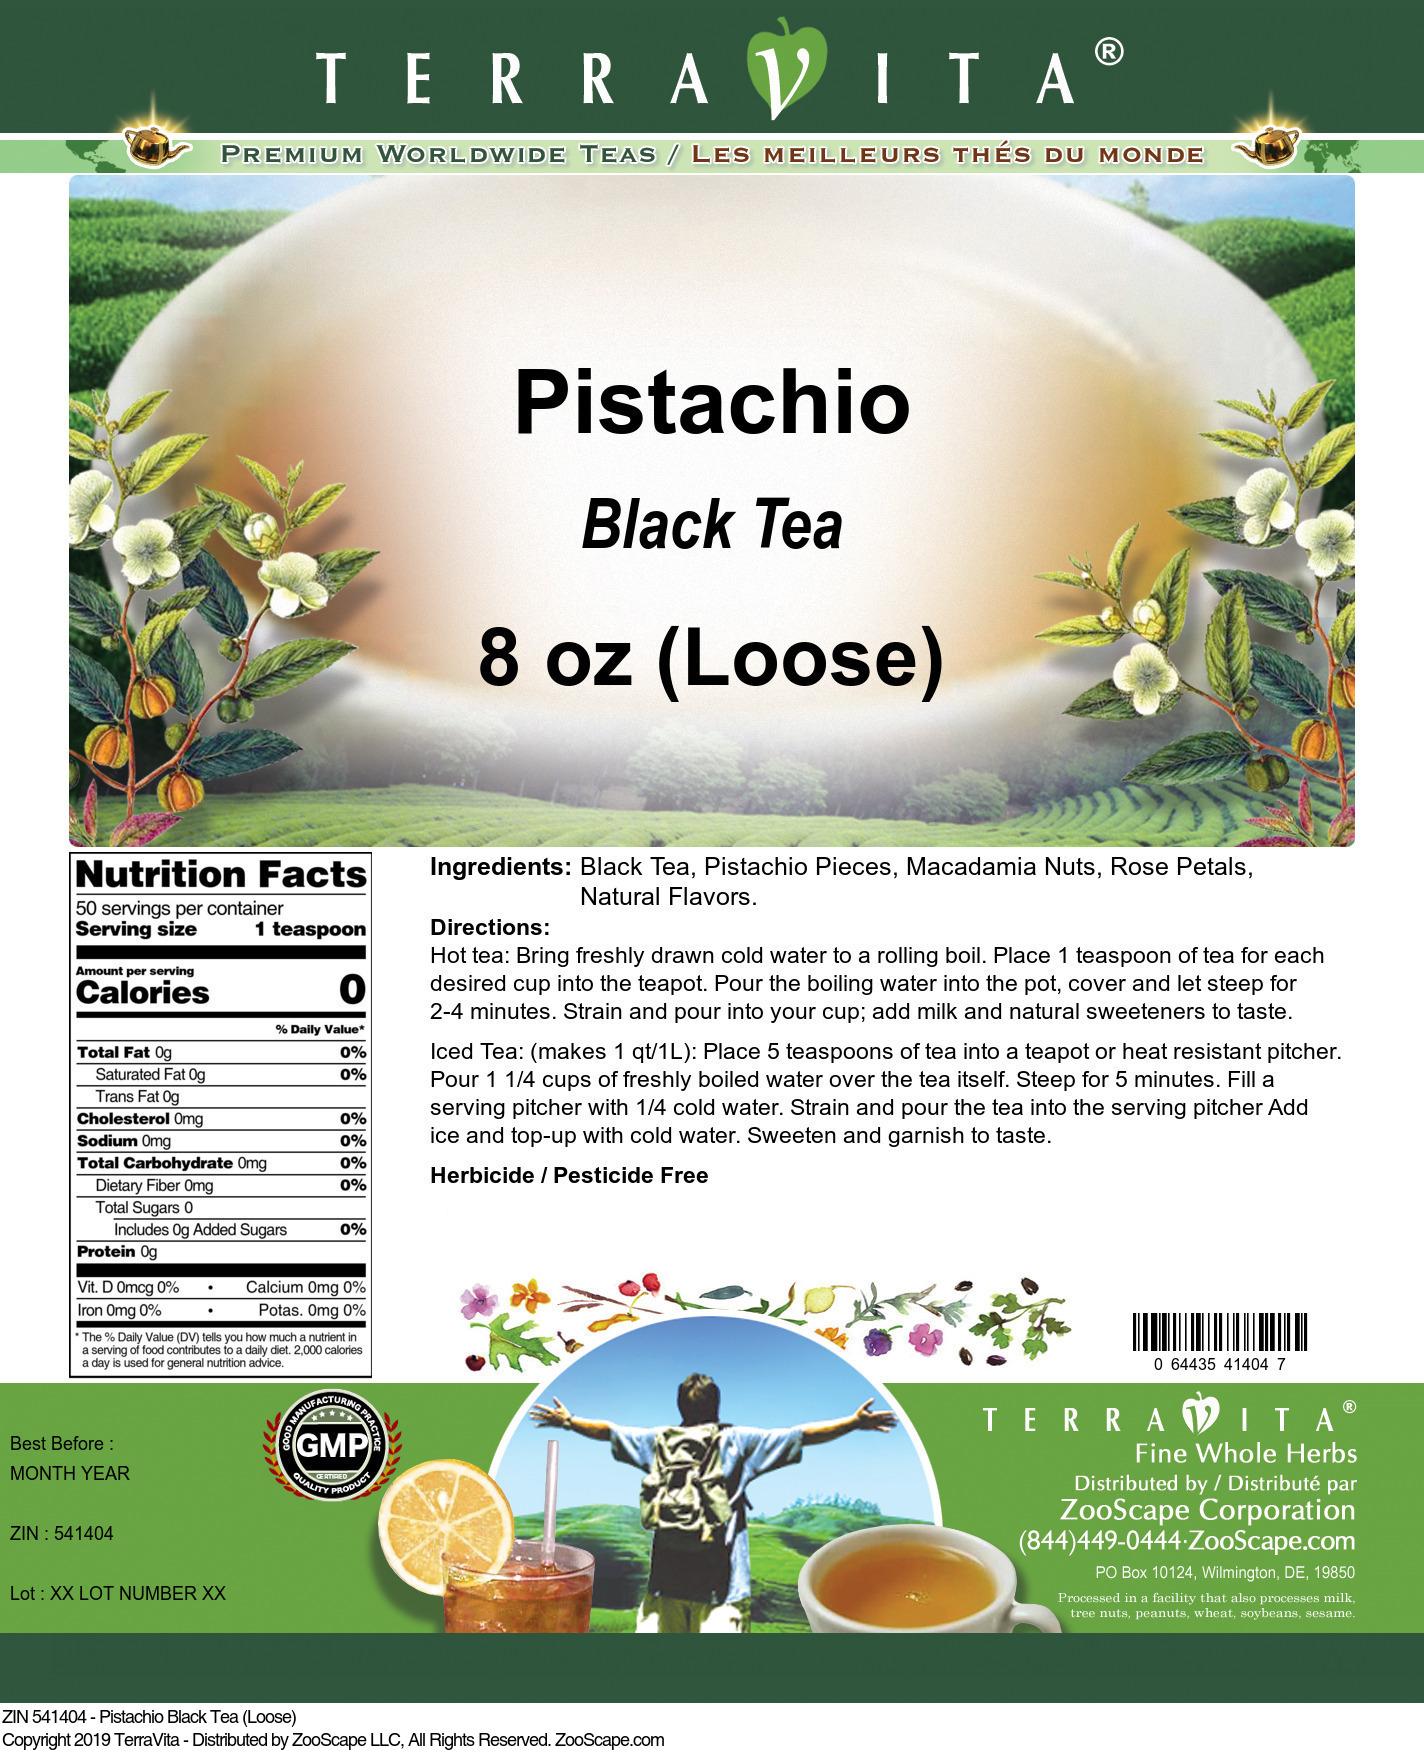 Pistachio Black Tea